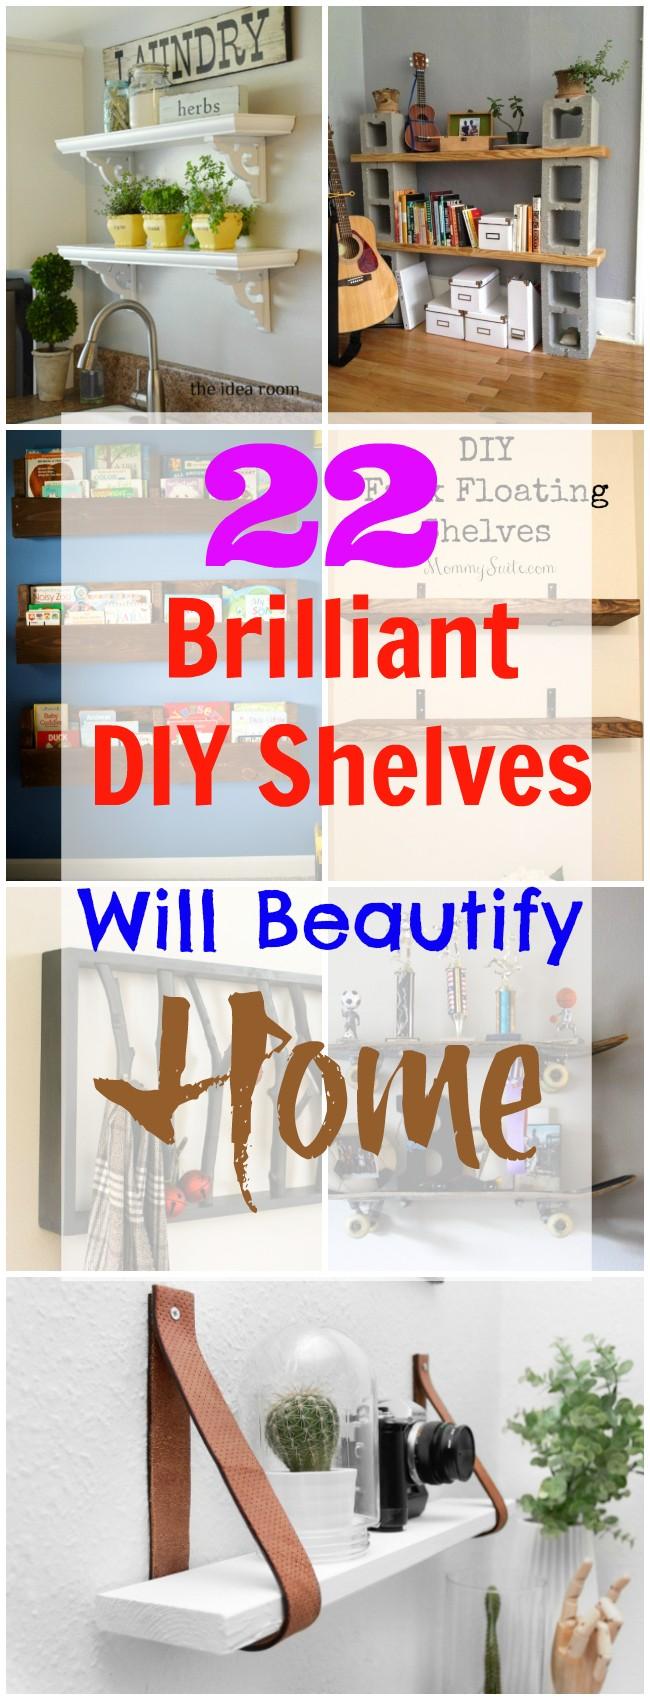 diy shelves | diy shelves bedroom | diy shelves easy | diy shelves floating